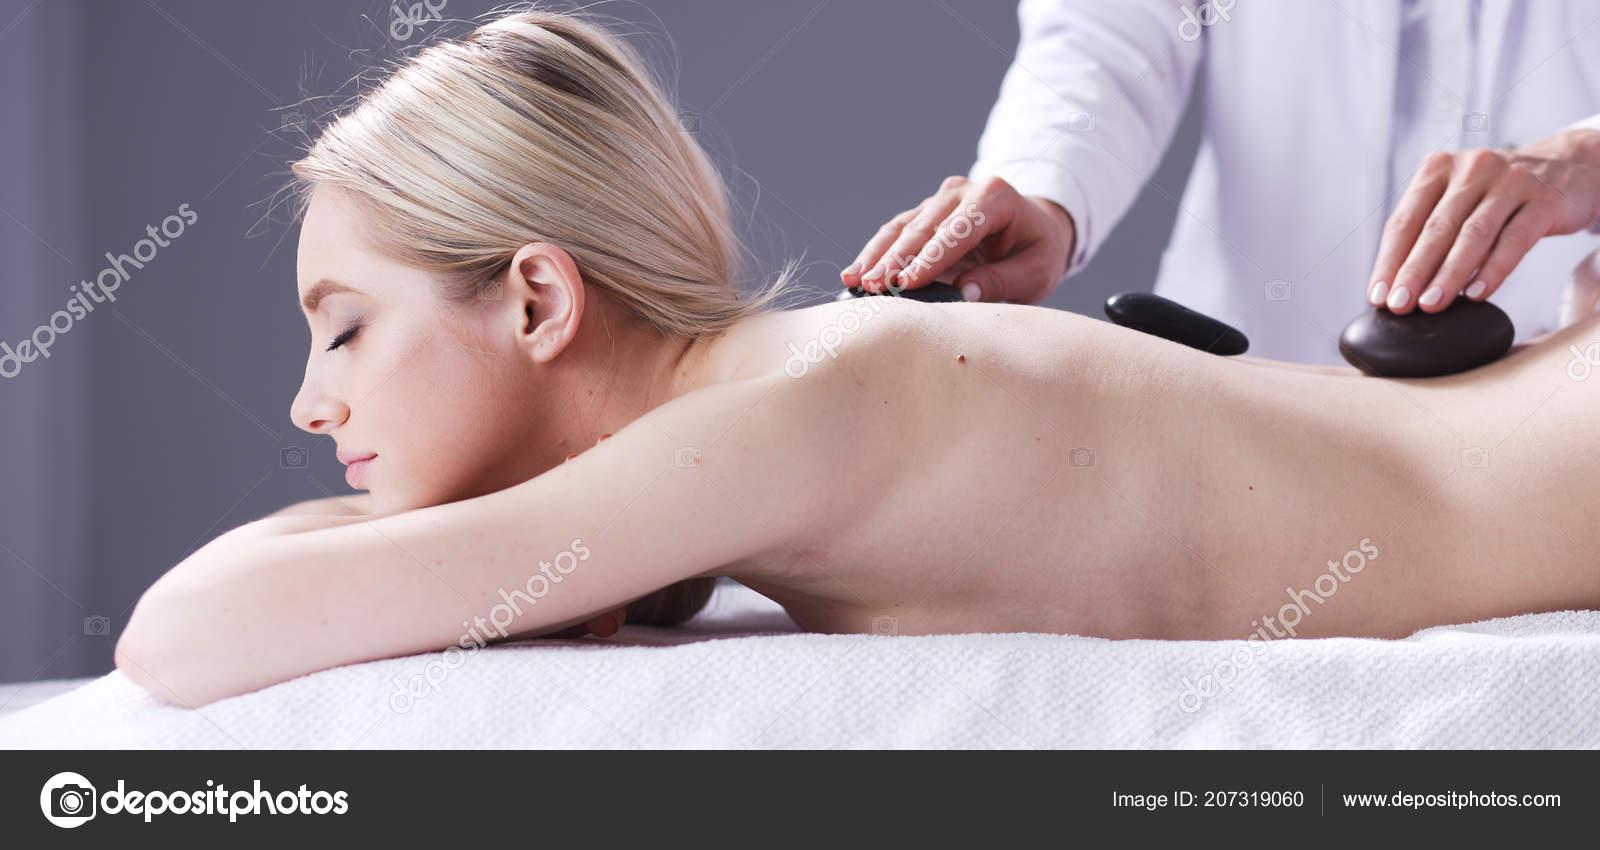 Секс принудительный на массаже, Порно видео с массажем, делает массаж парню 19 фотография